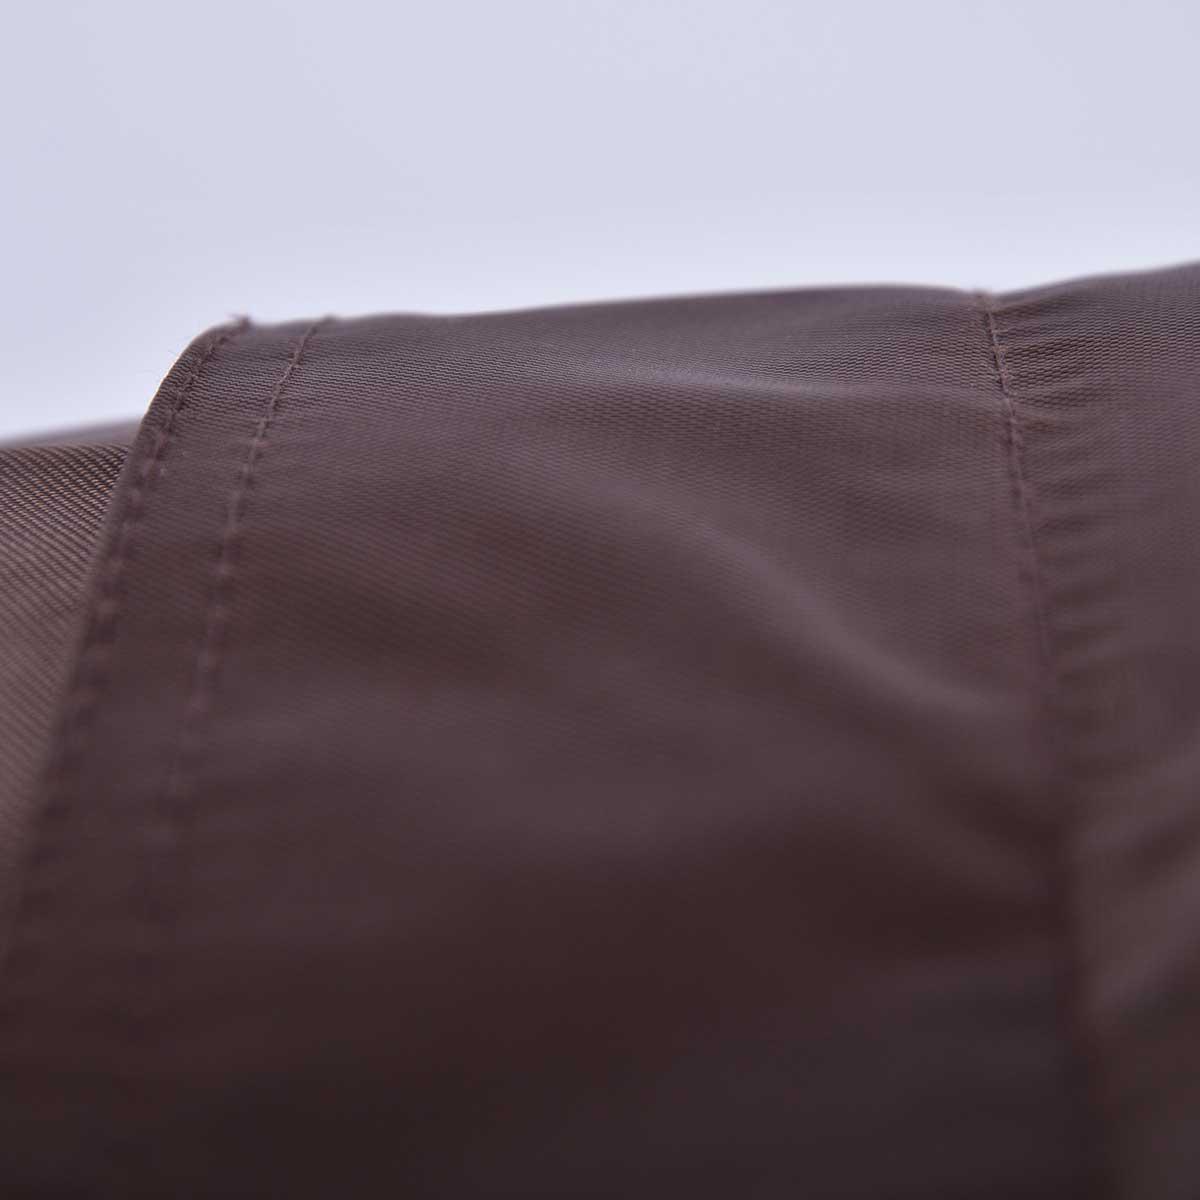 pouf géant extérieur BiG52 CLASSIC marron